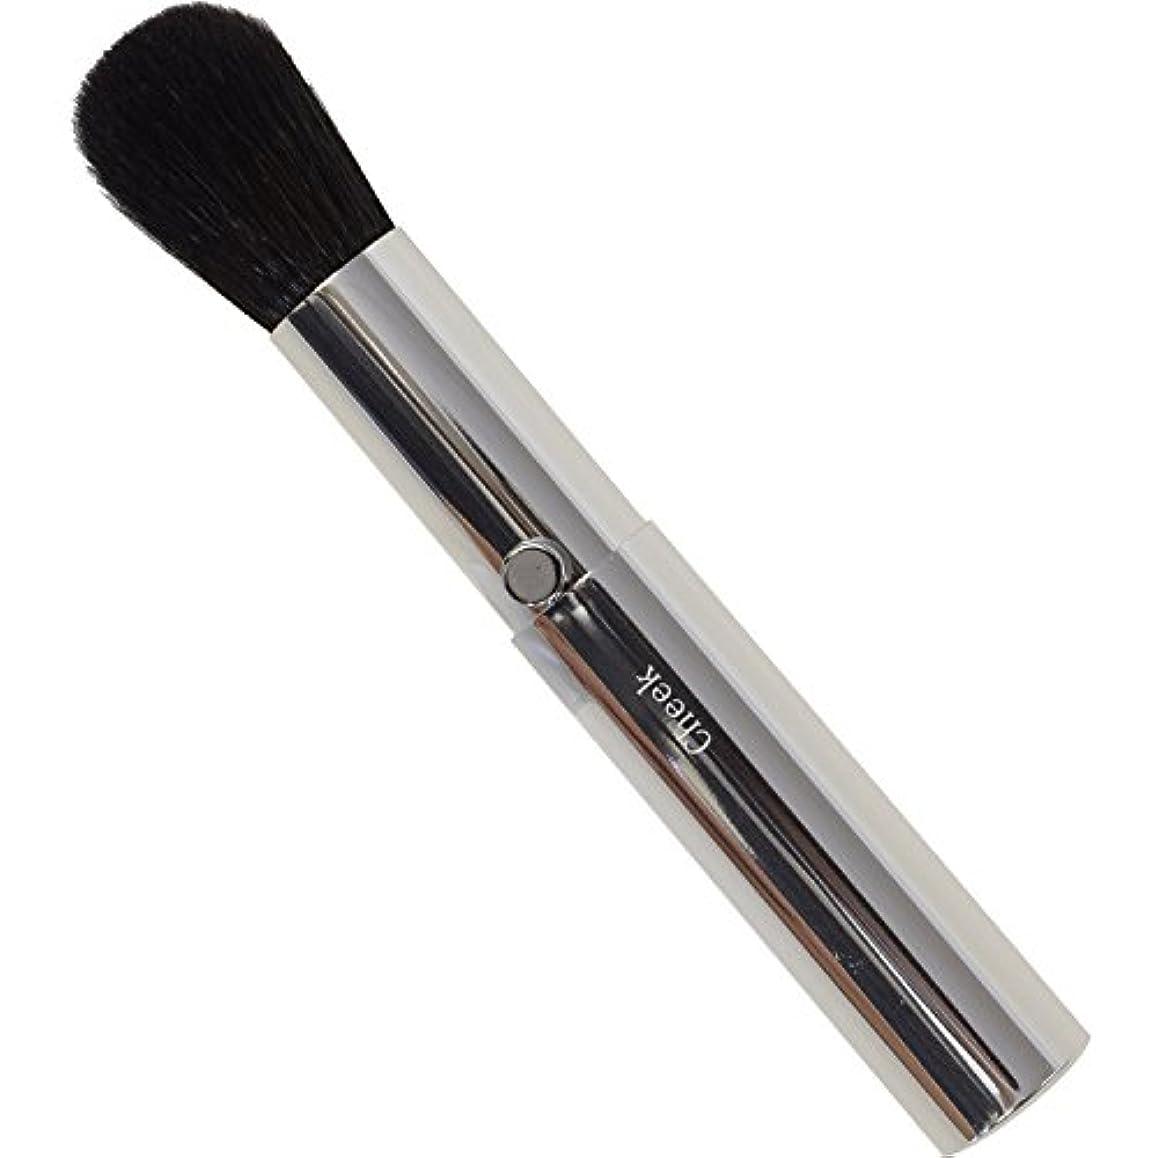 掃く混沌移行SSS-C2 六角館さくら堂 スタイリッシュシンプルチークブラシ 粗光峰100% 高品質のスライドタイプ化粧筆